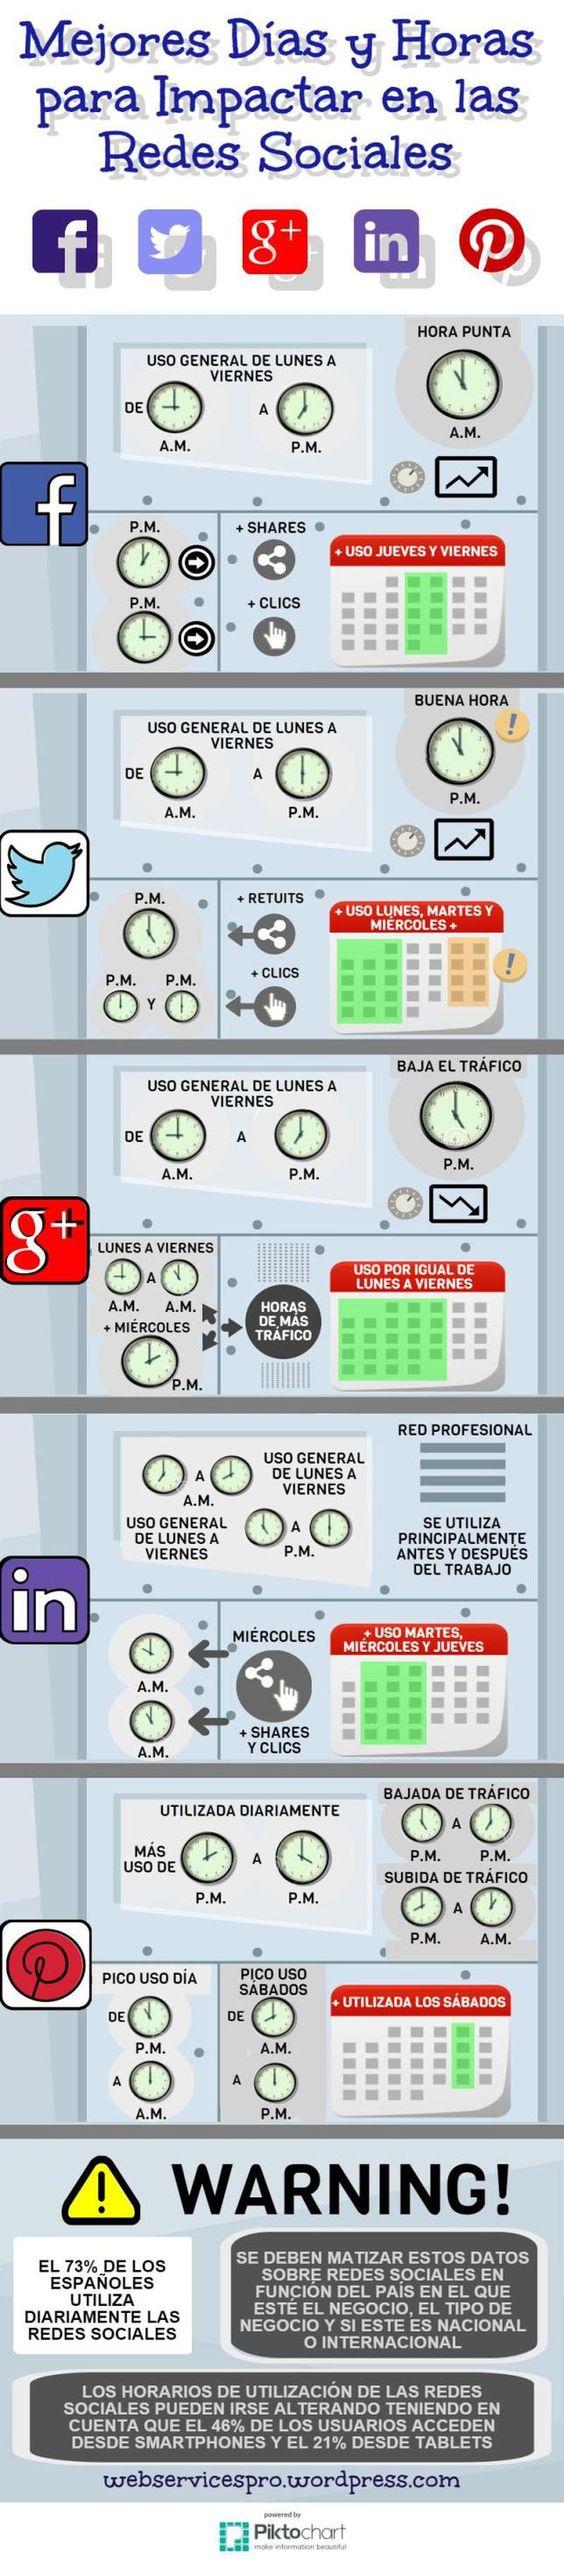 Interesante infografía para el Social Media Marketing, con los mejores horarios y días para publicar en las principales Redes Sociales.